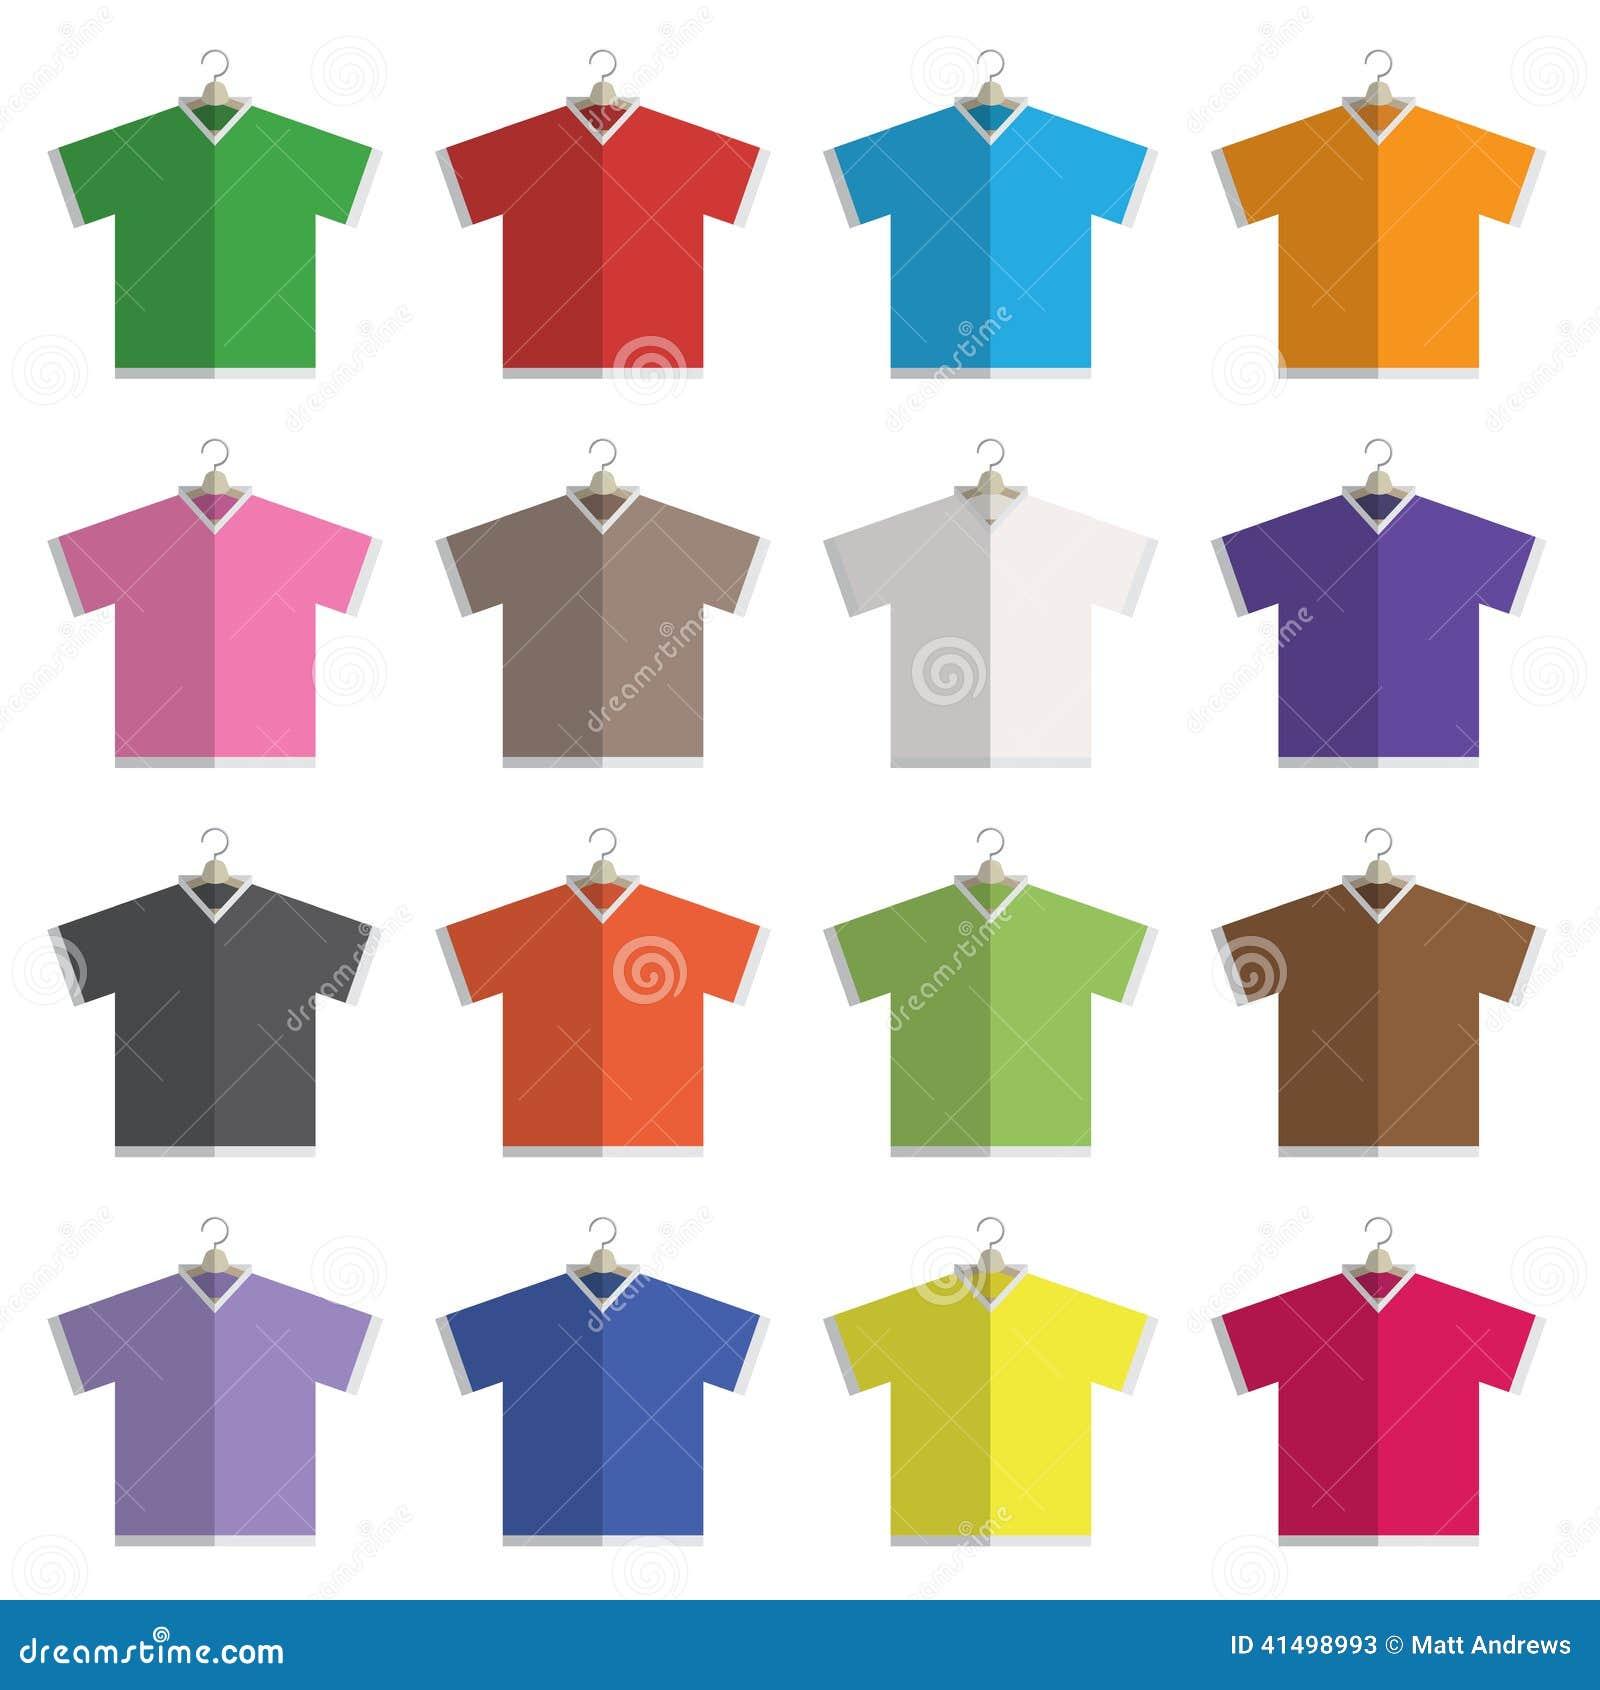 Design shirt v neck - V Neck Tshirts